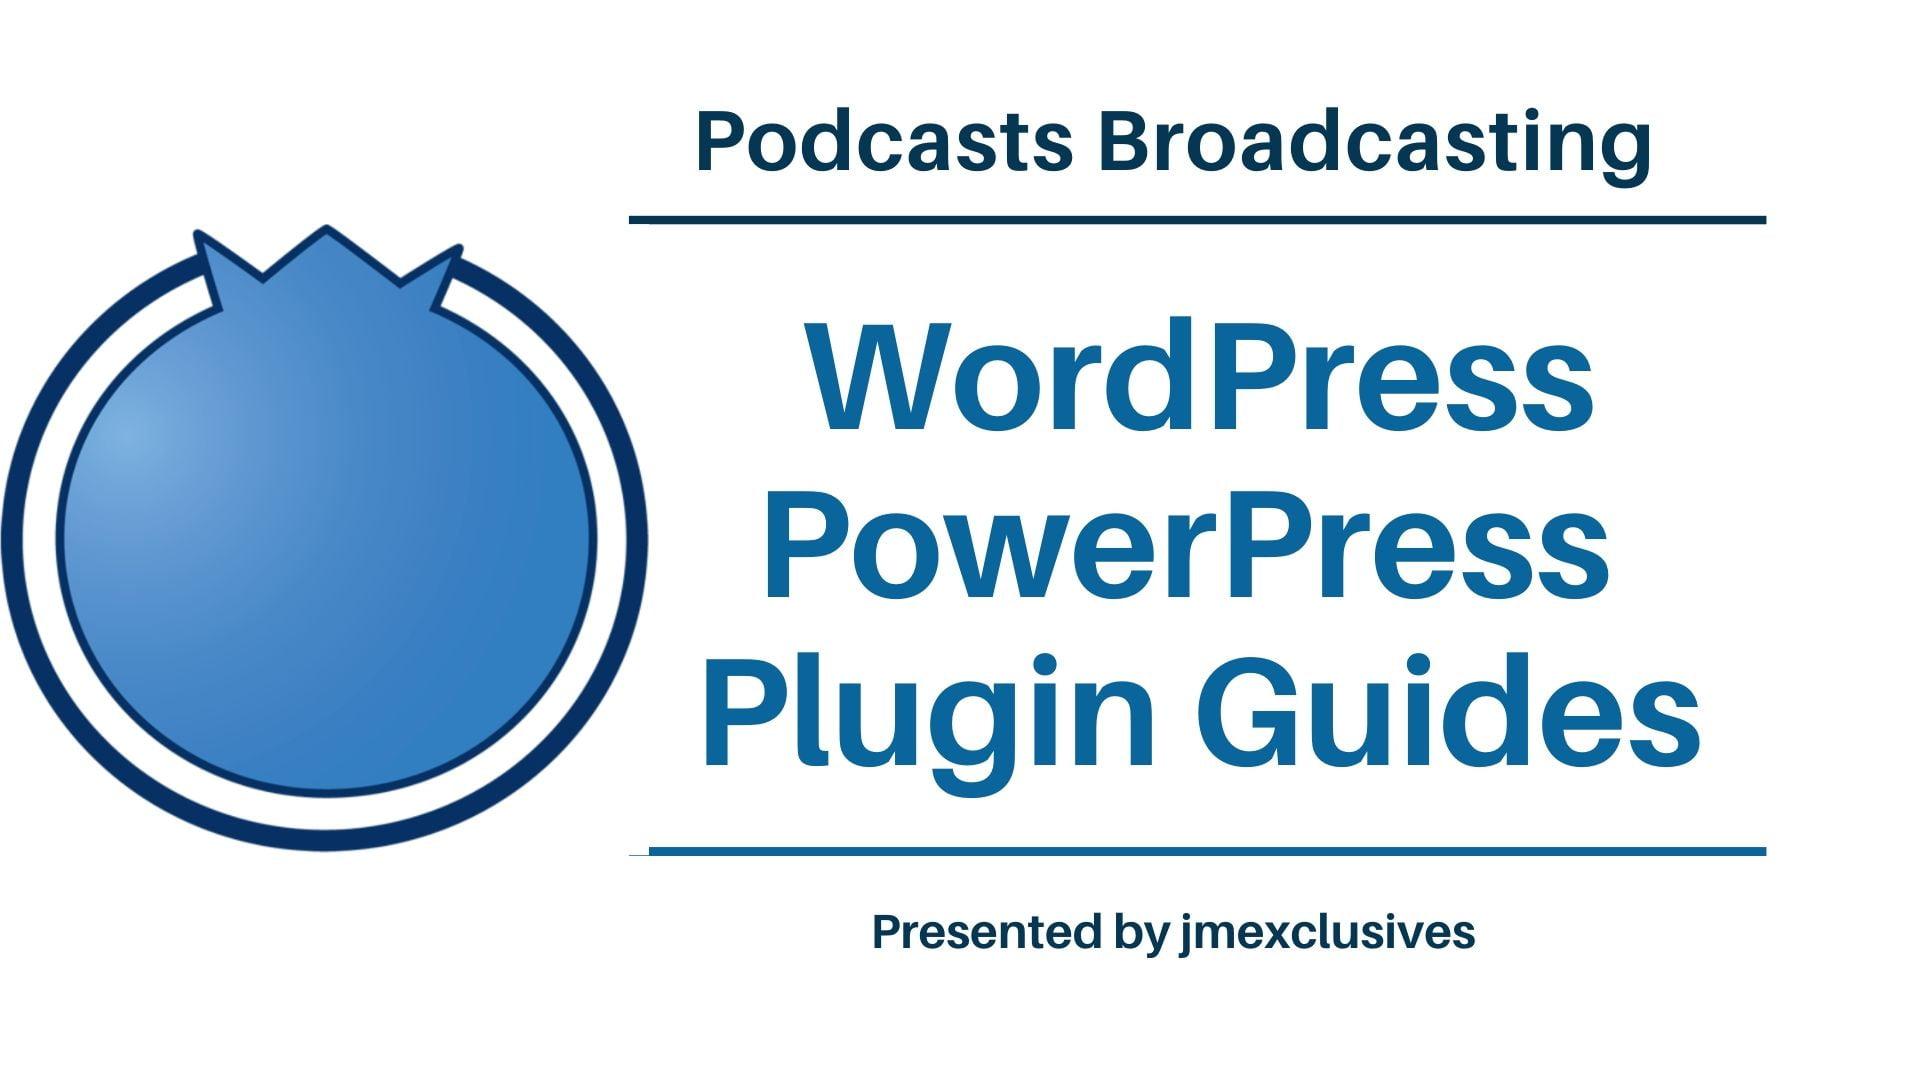 WordPress PowerPress Podcasting Plugin by Blubrry